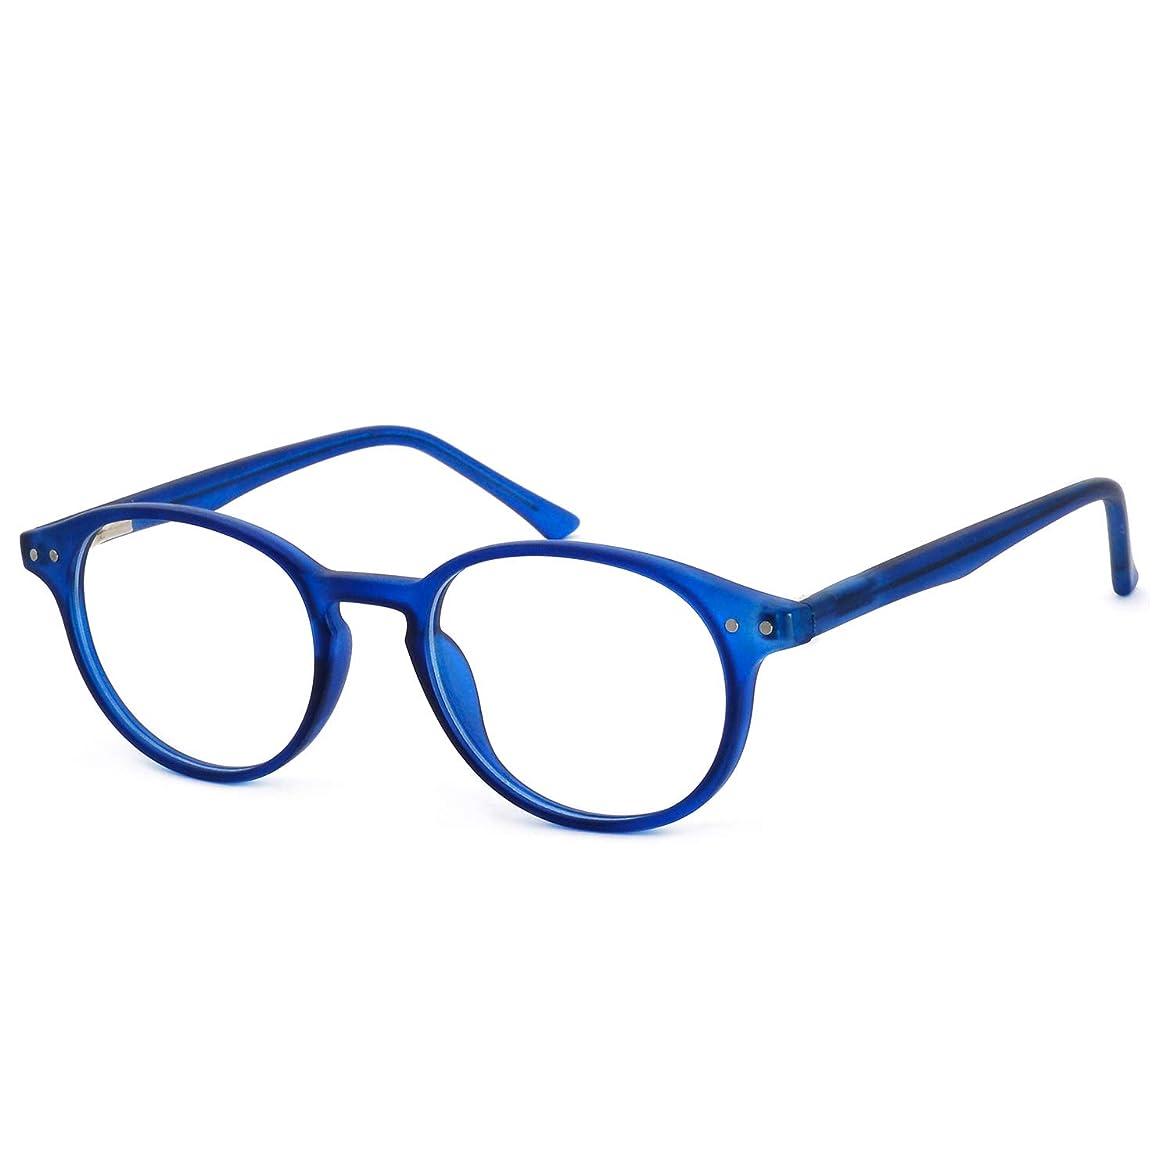 Blue Light Blocking Glasses Gaming Computer Anti Glare UV400 Eyewear Frame Sleep Better for Men